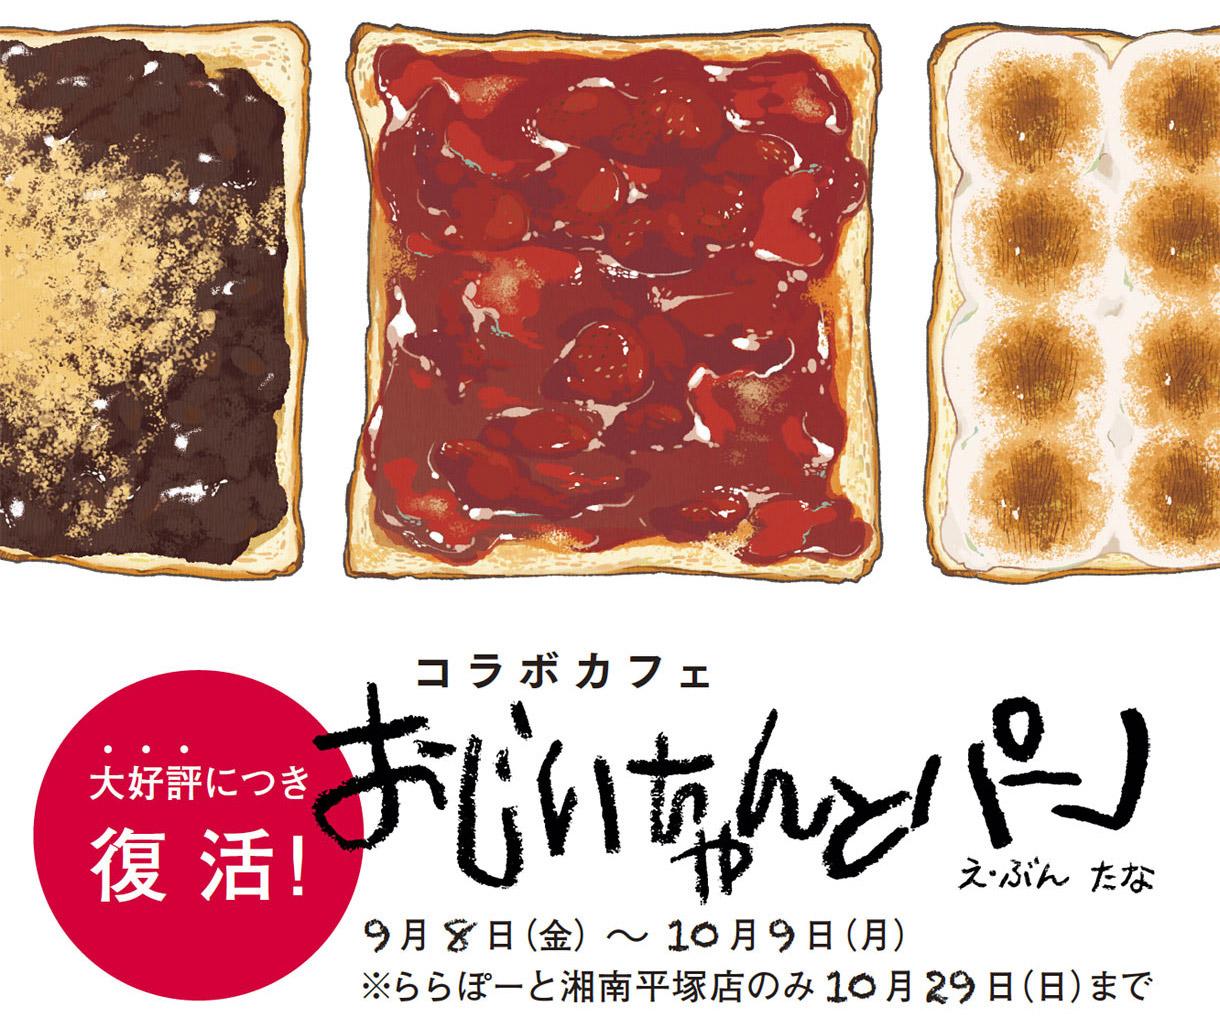 9/8(金)~ 絵本『おじいちゃんとパン』コラボメニュー|STORY CAFE